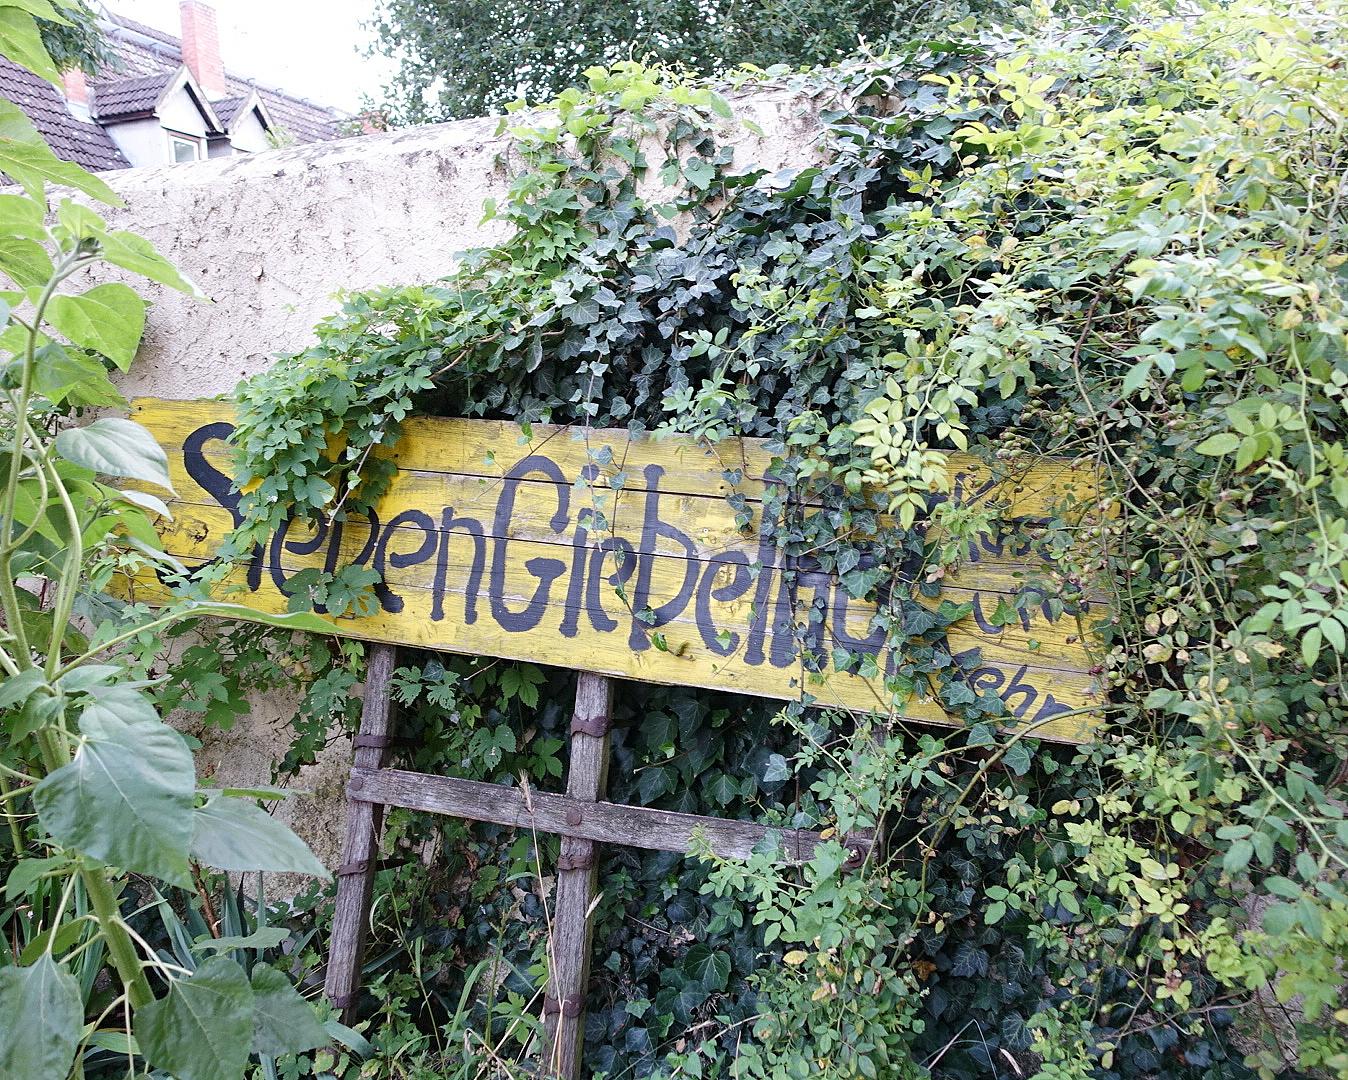 Landvergnügen: Der Sieben-Giebel-Hof